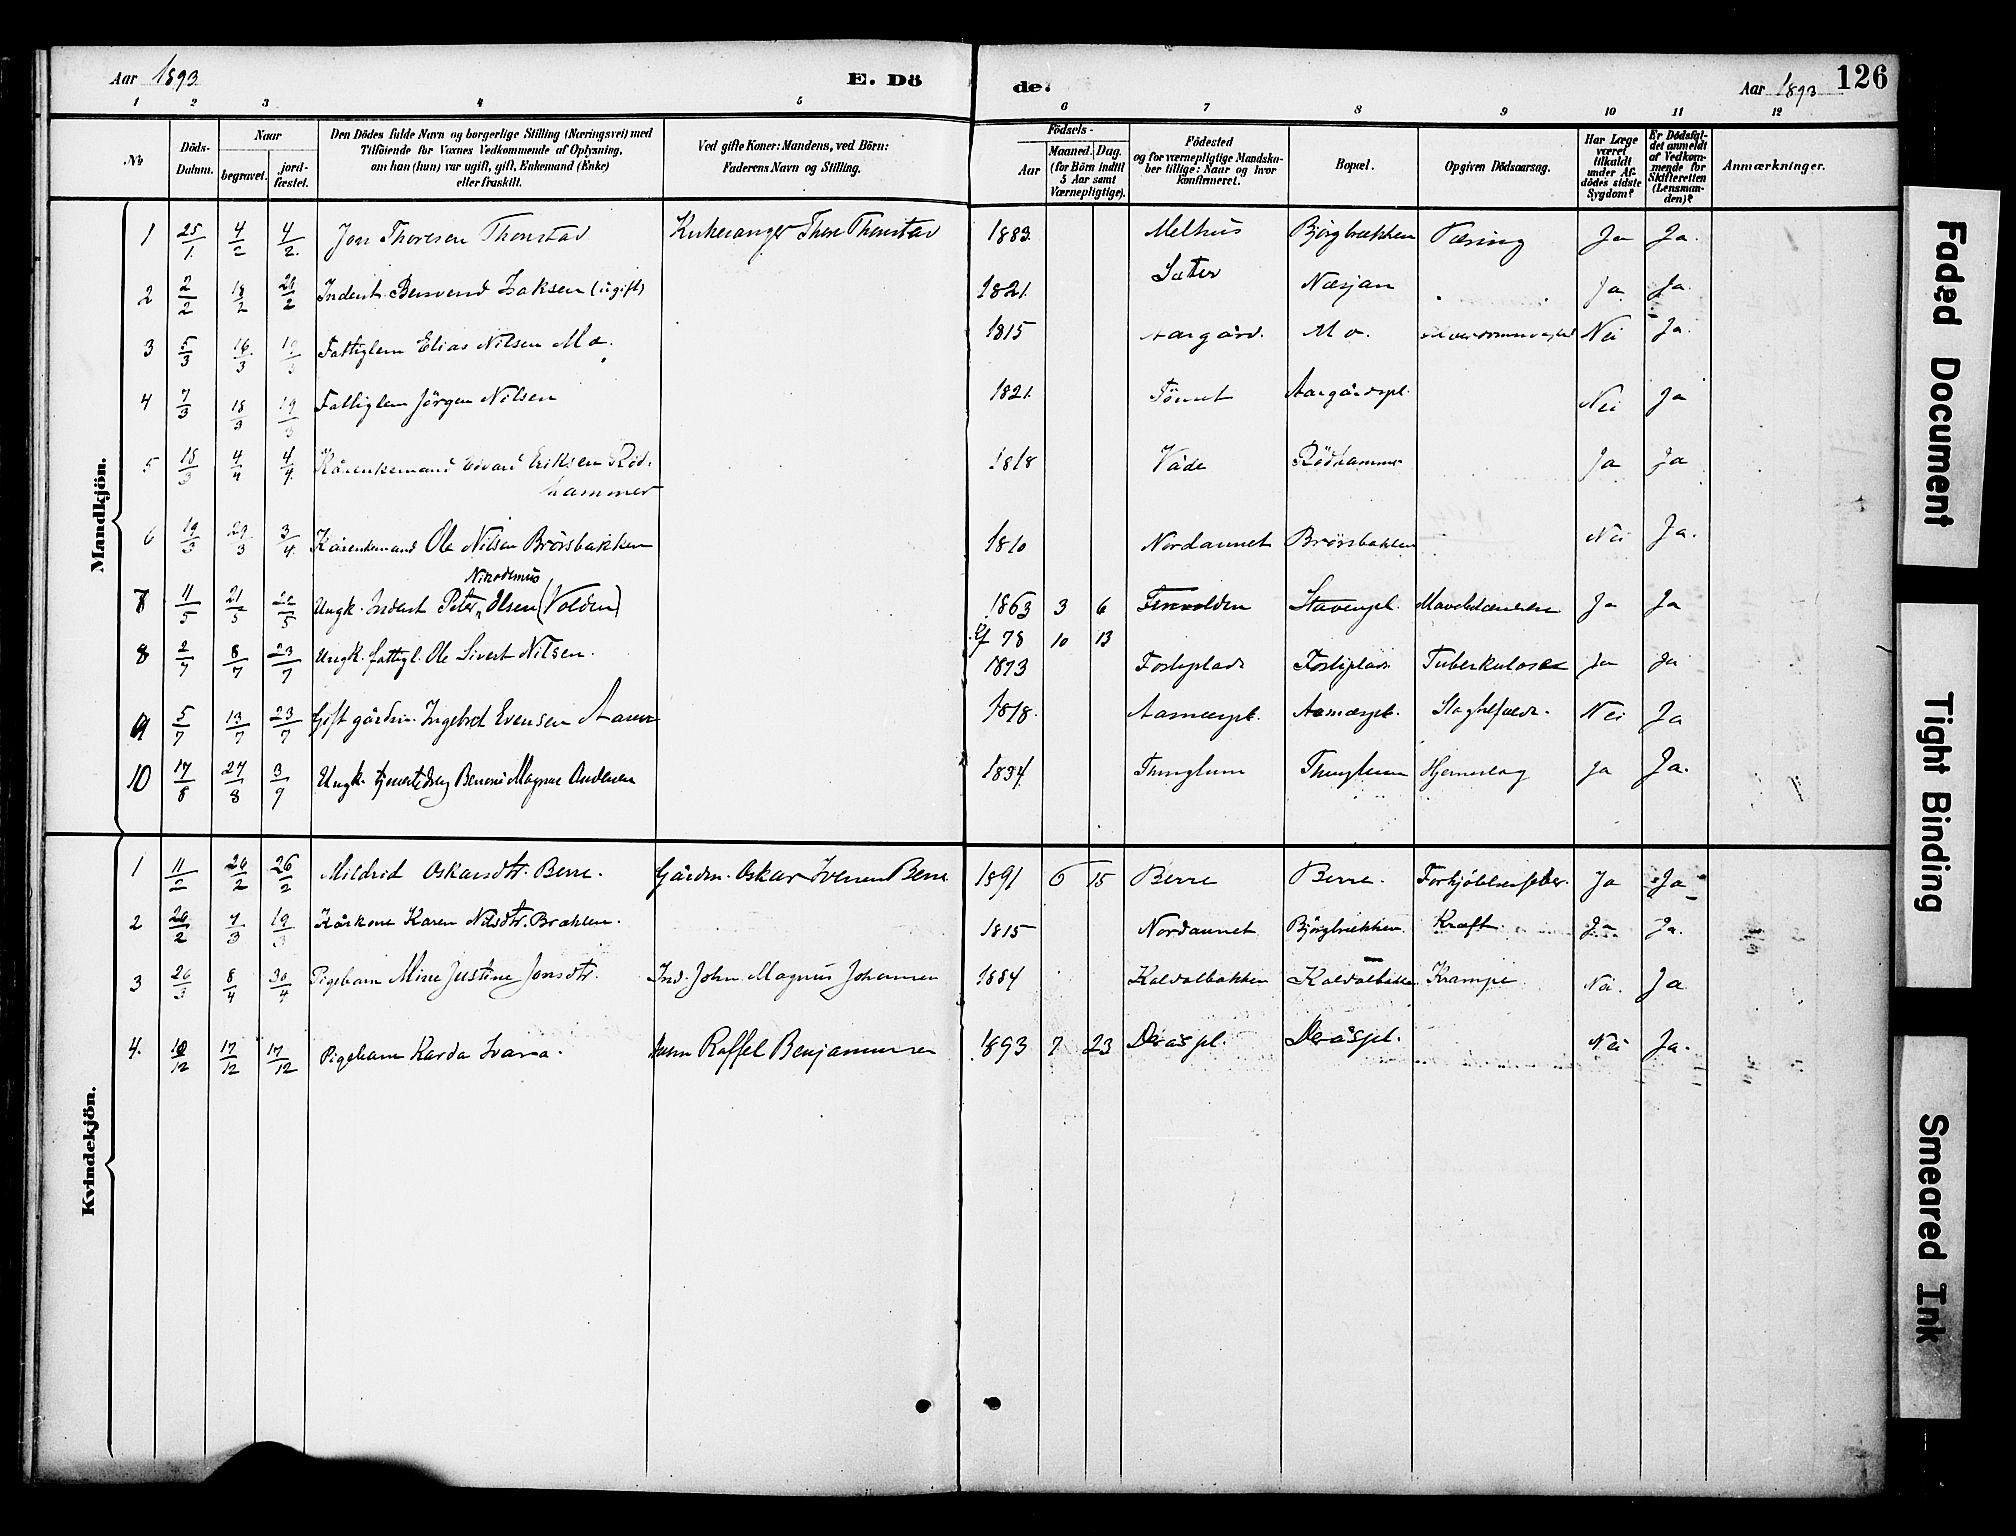 SAT, Ministerialprotokoller, klokkerbøker og fødselsregistre - Nord-Trøndelag, 742/L0409: Ministerialbok nr. 742A02, 1891-1905, s. 126